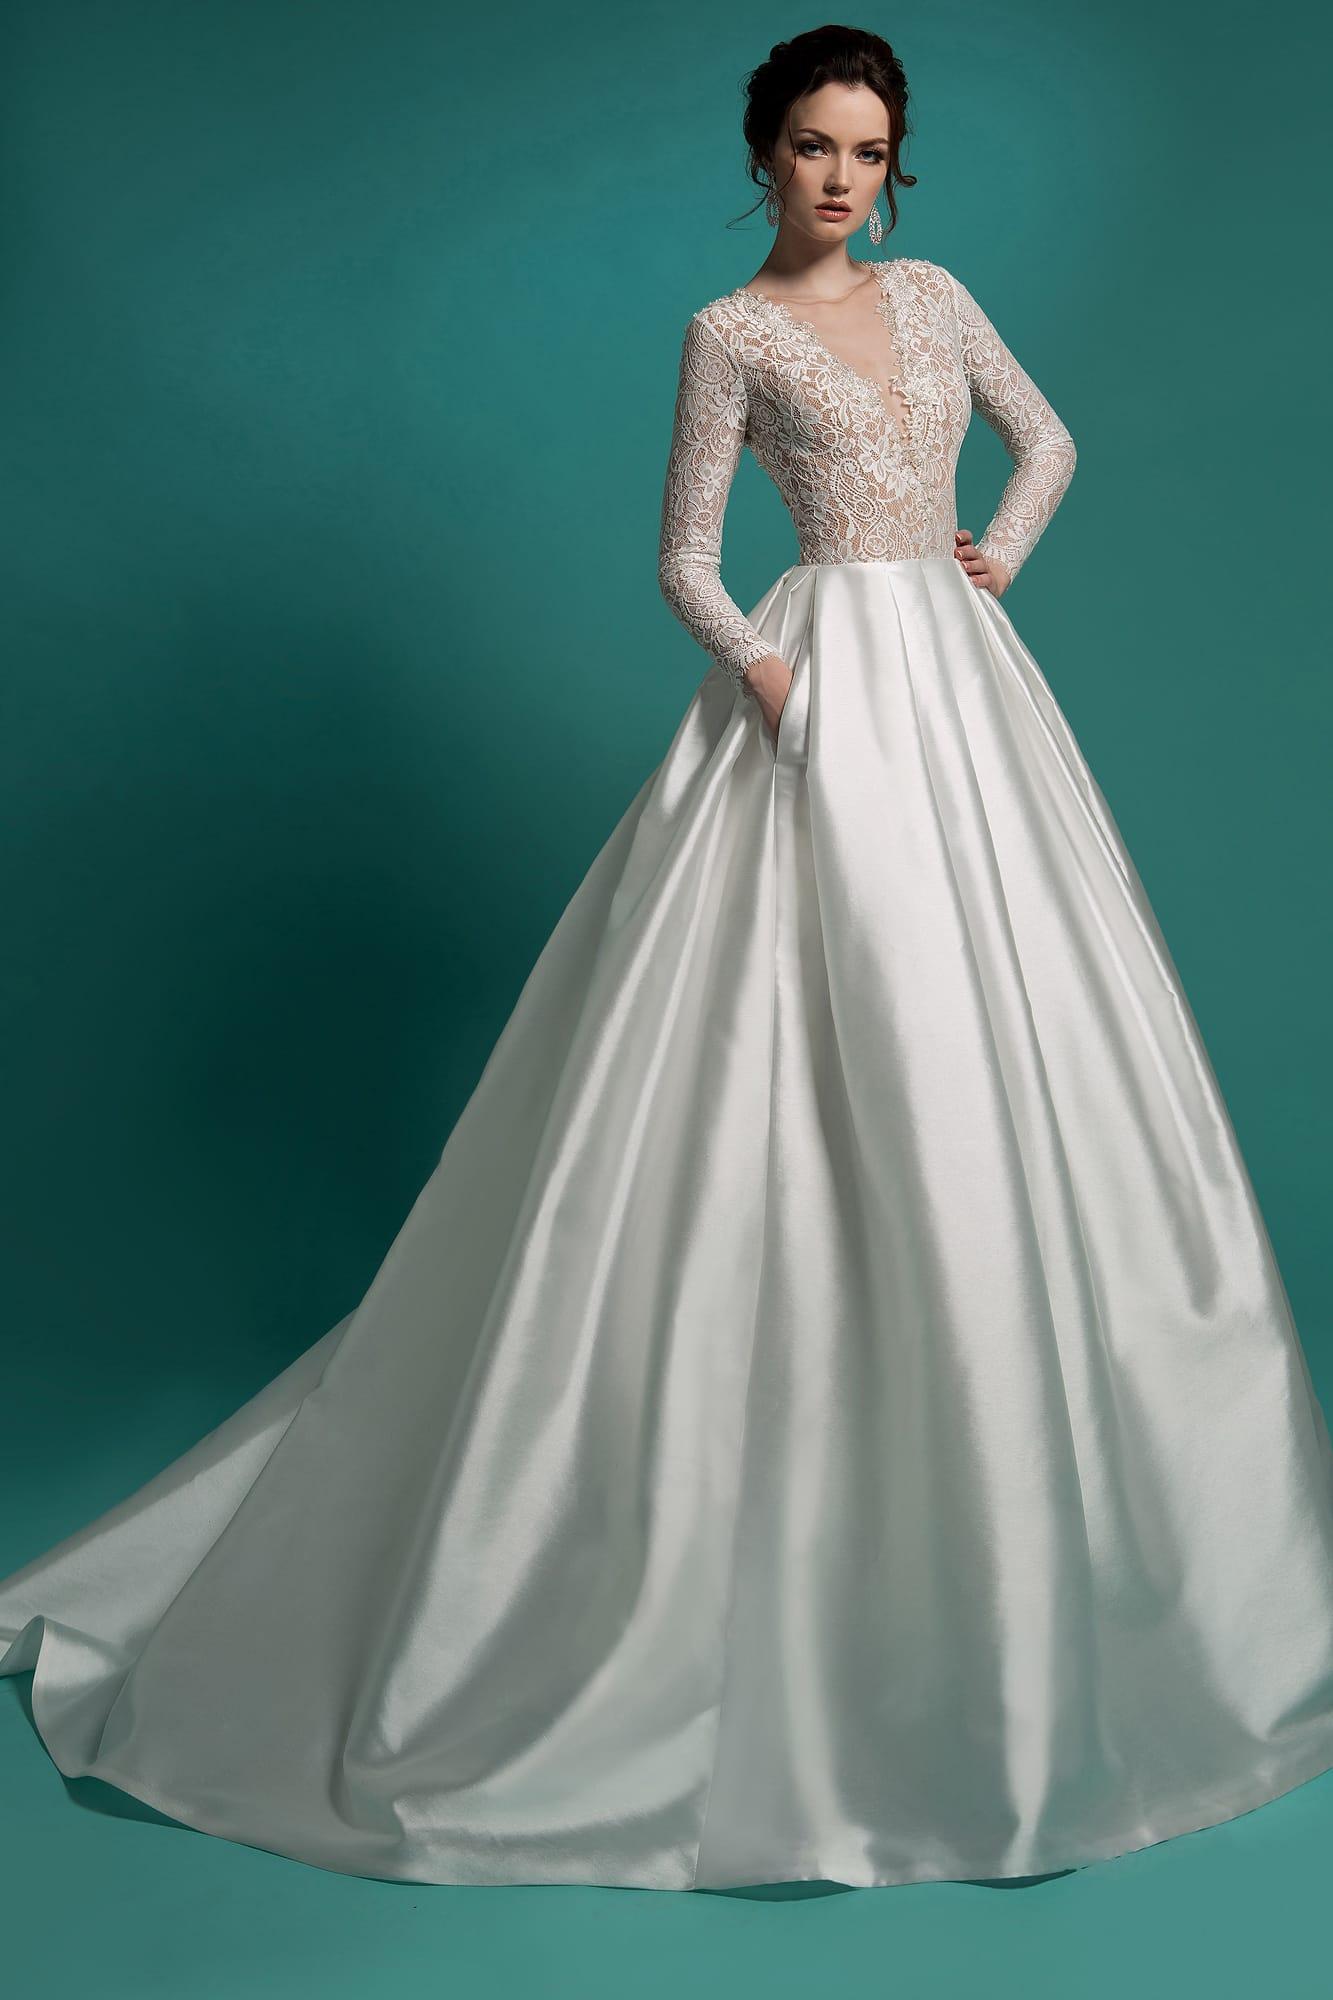 632b8a1b201 Пышное свадебное платье с атласной юбкой со шлейфом и полупрозрачным лифом.